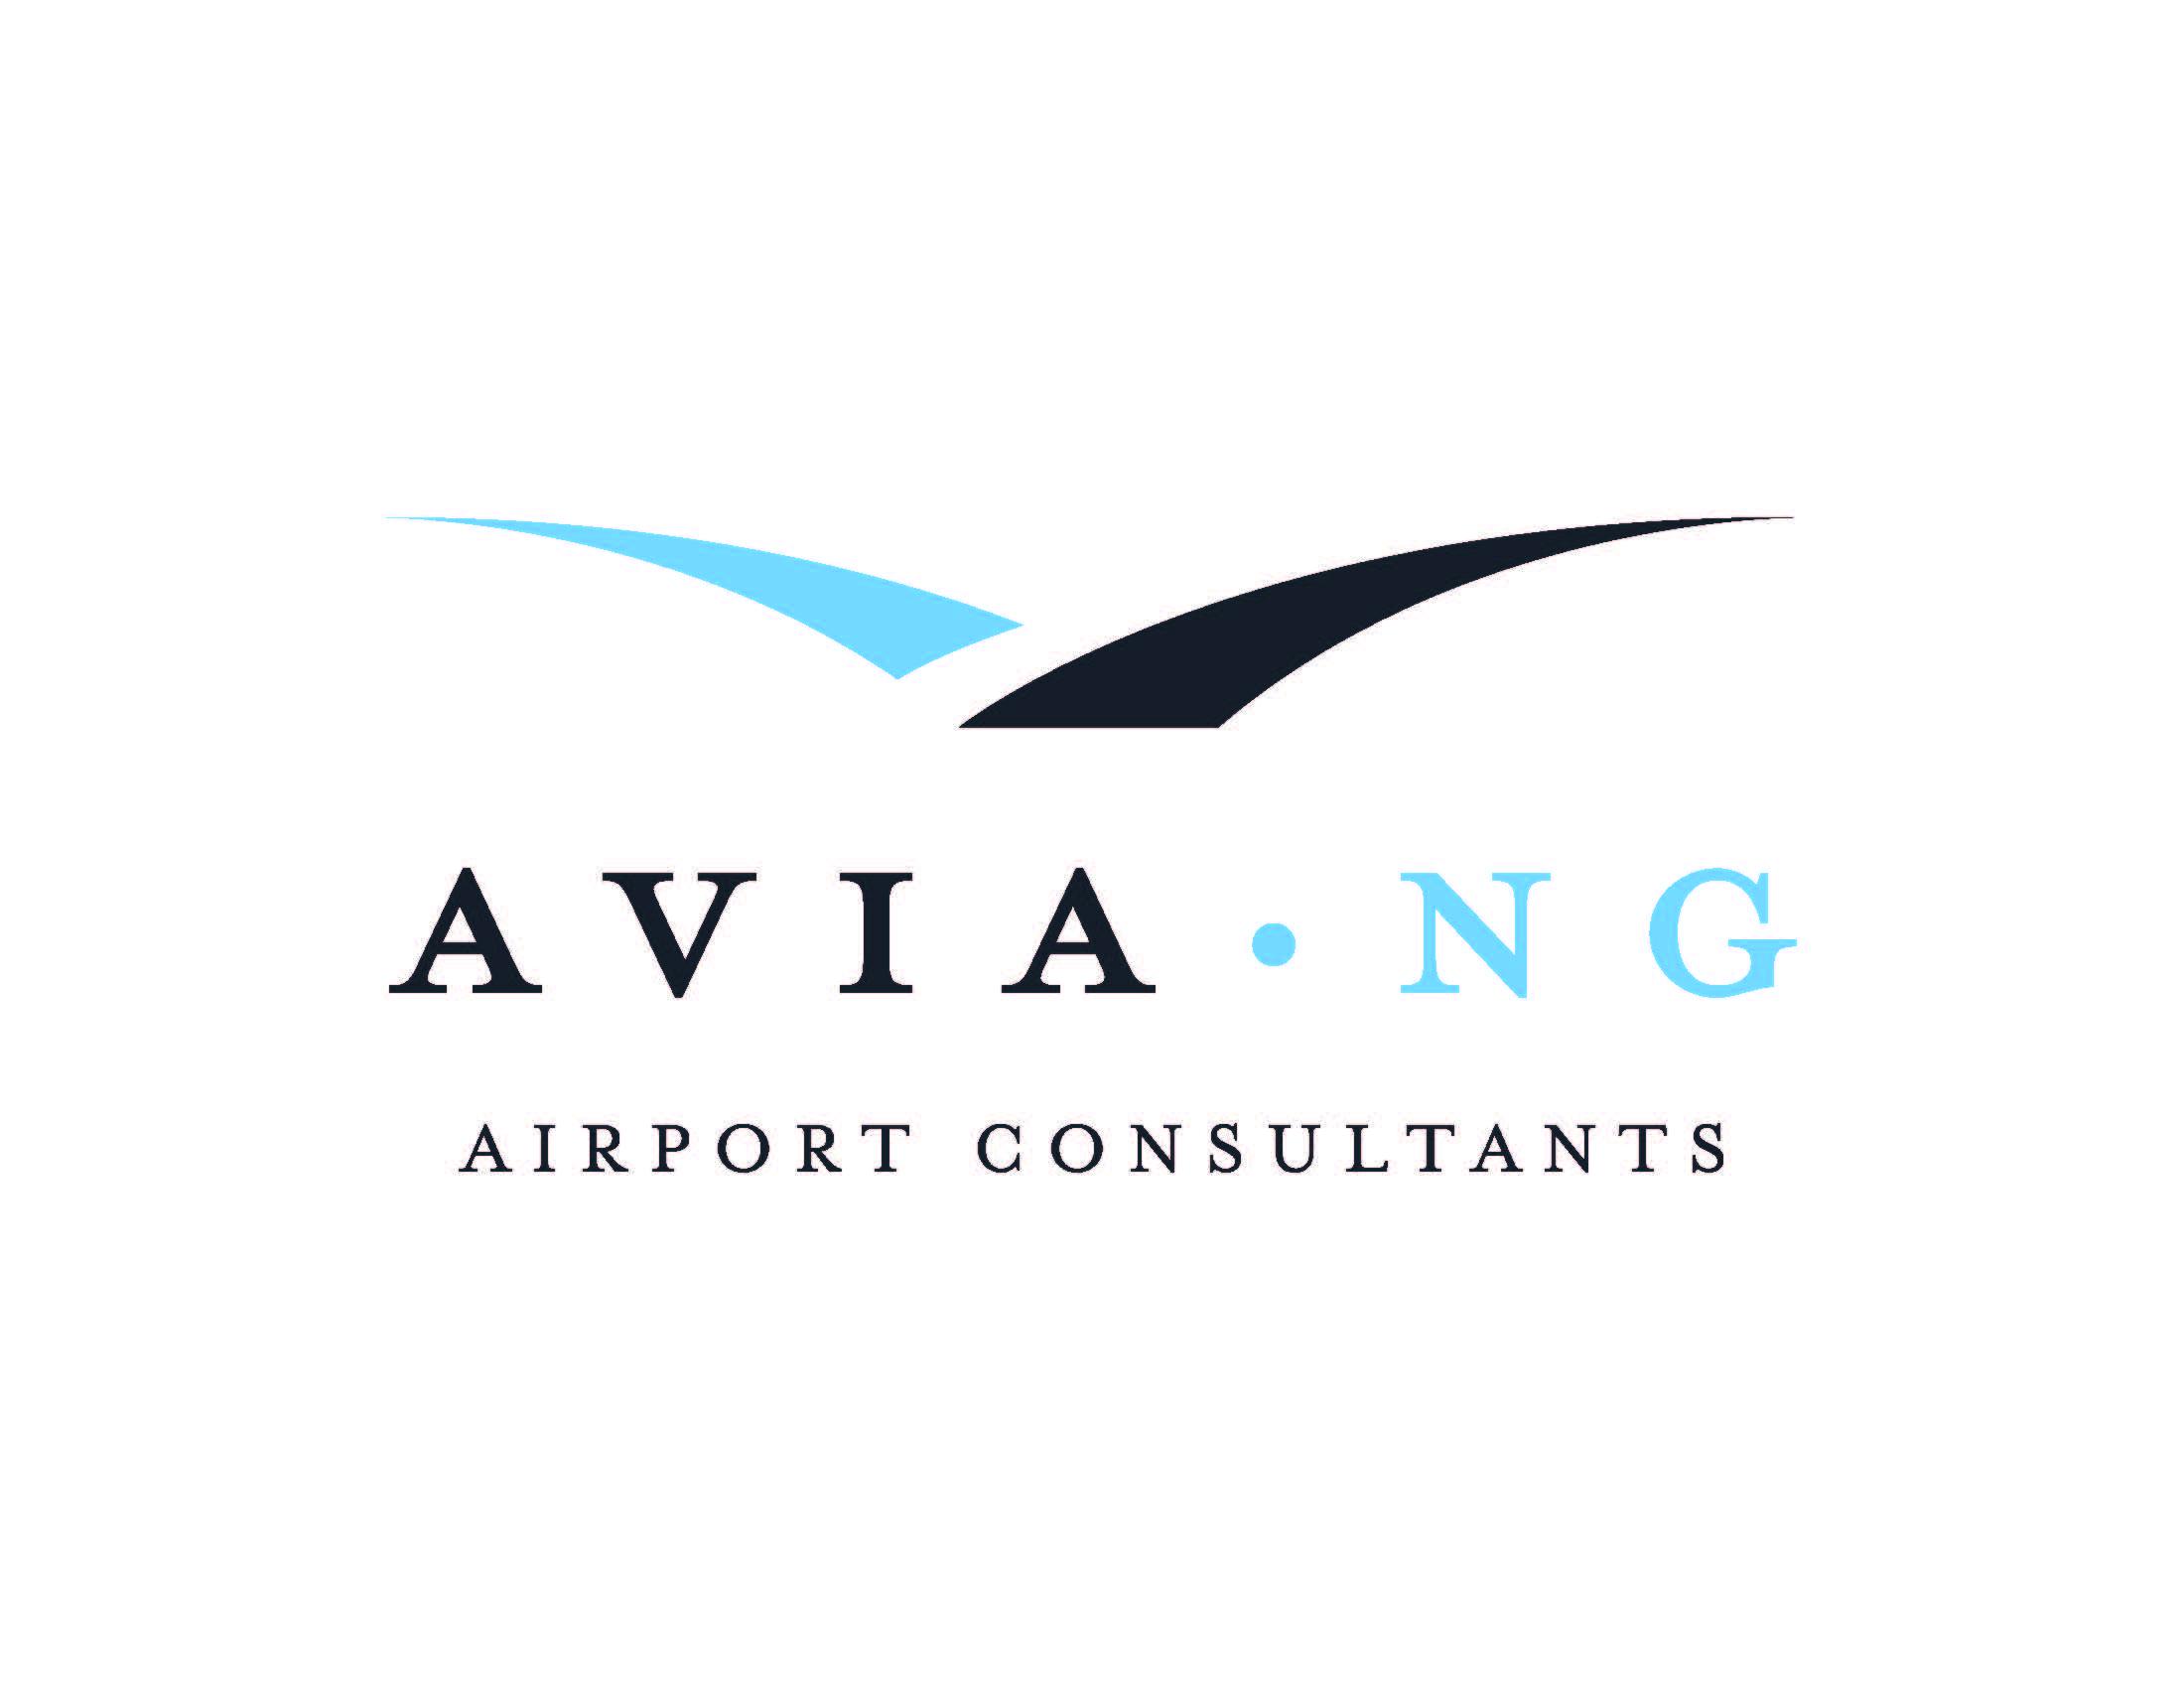 Avia NG